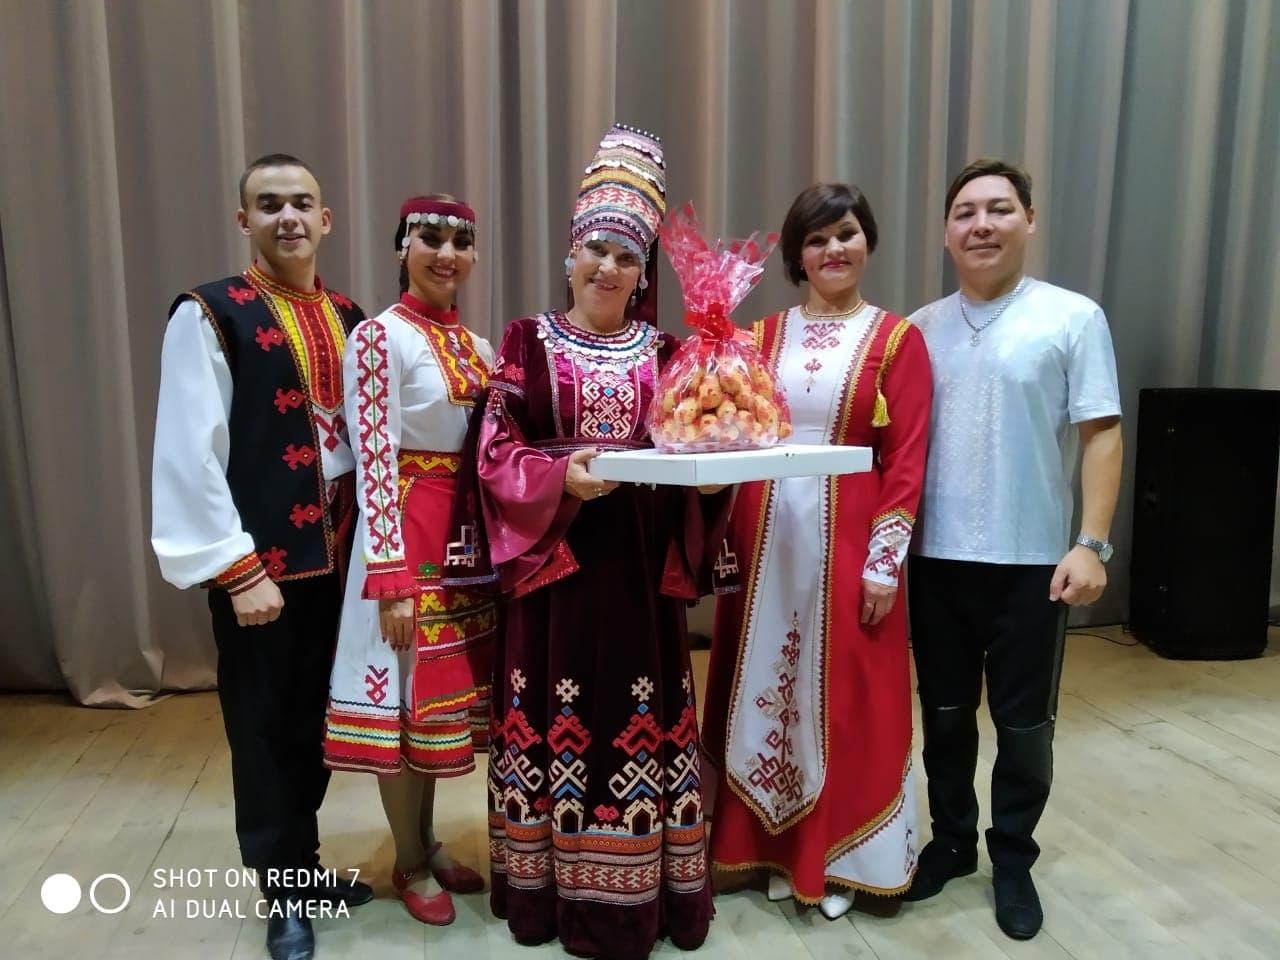 Вчера в с.Шаран Шаранского района РБ состоялся концерт марийской эстрадной группы «У Сем»